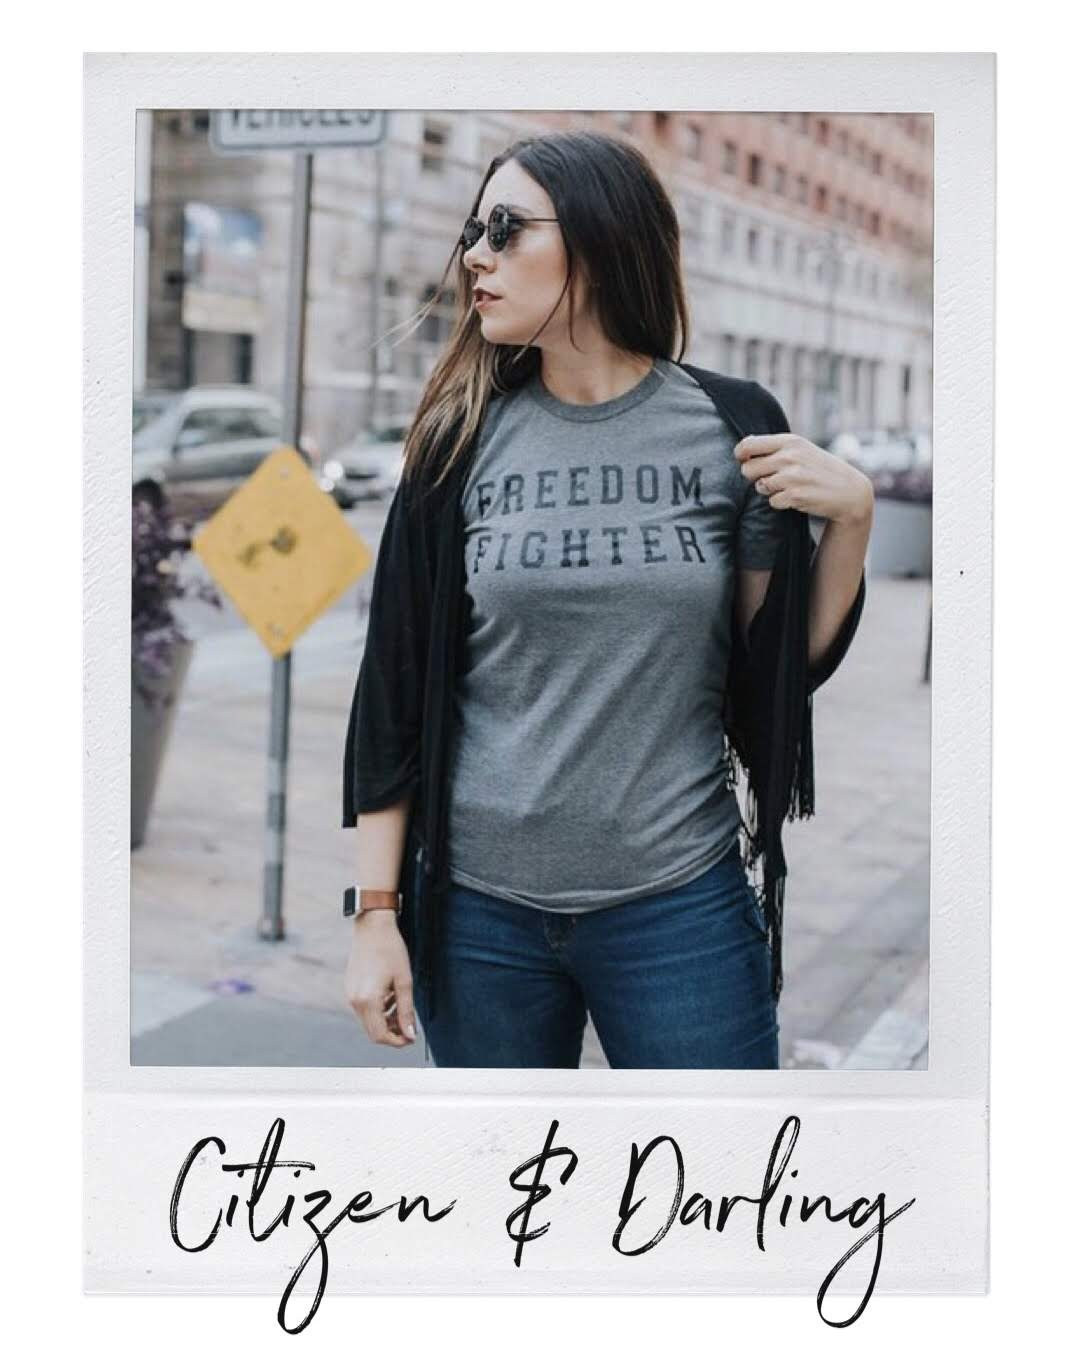 Citizen & Darling